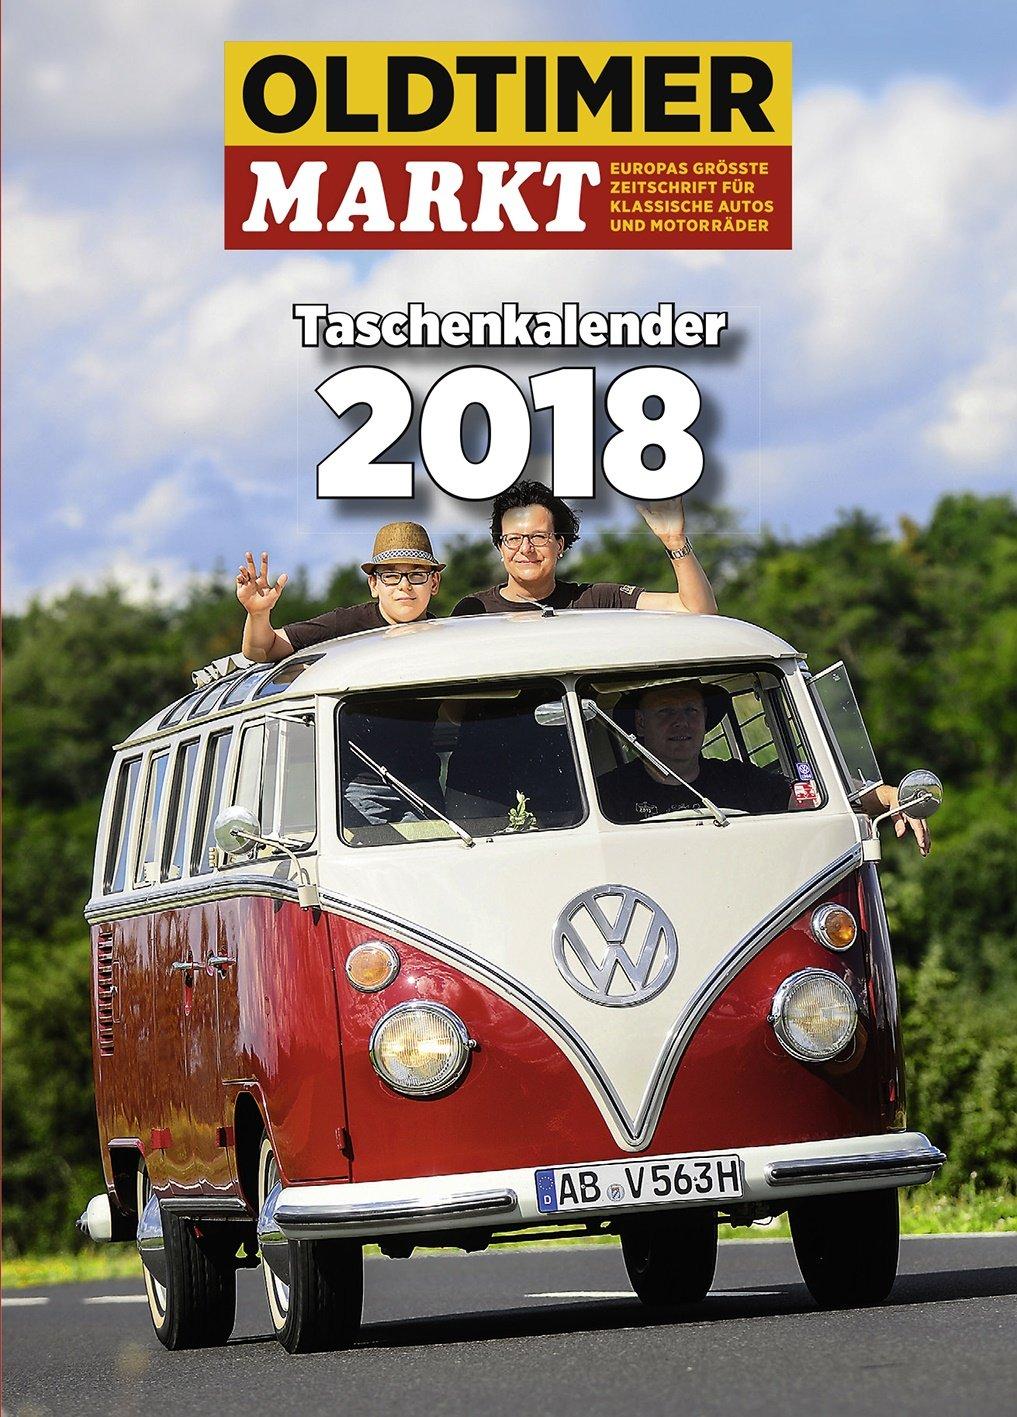 Oldtimer Markt Taschenkalender 2018